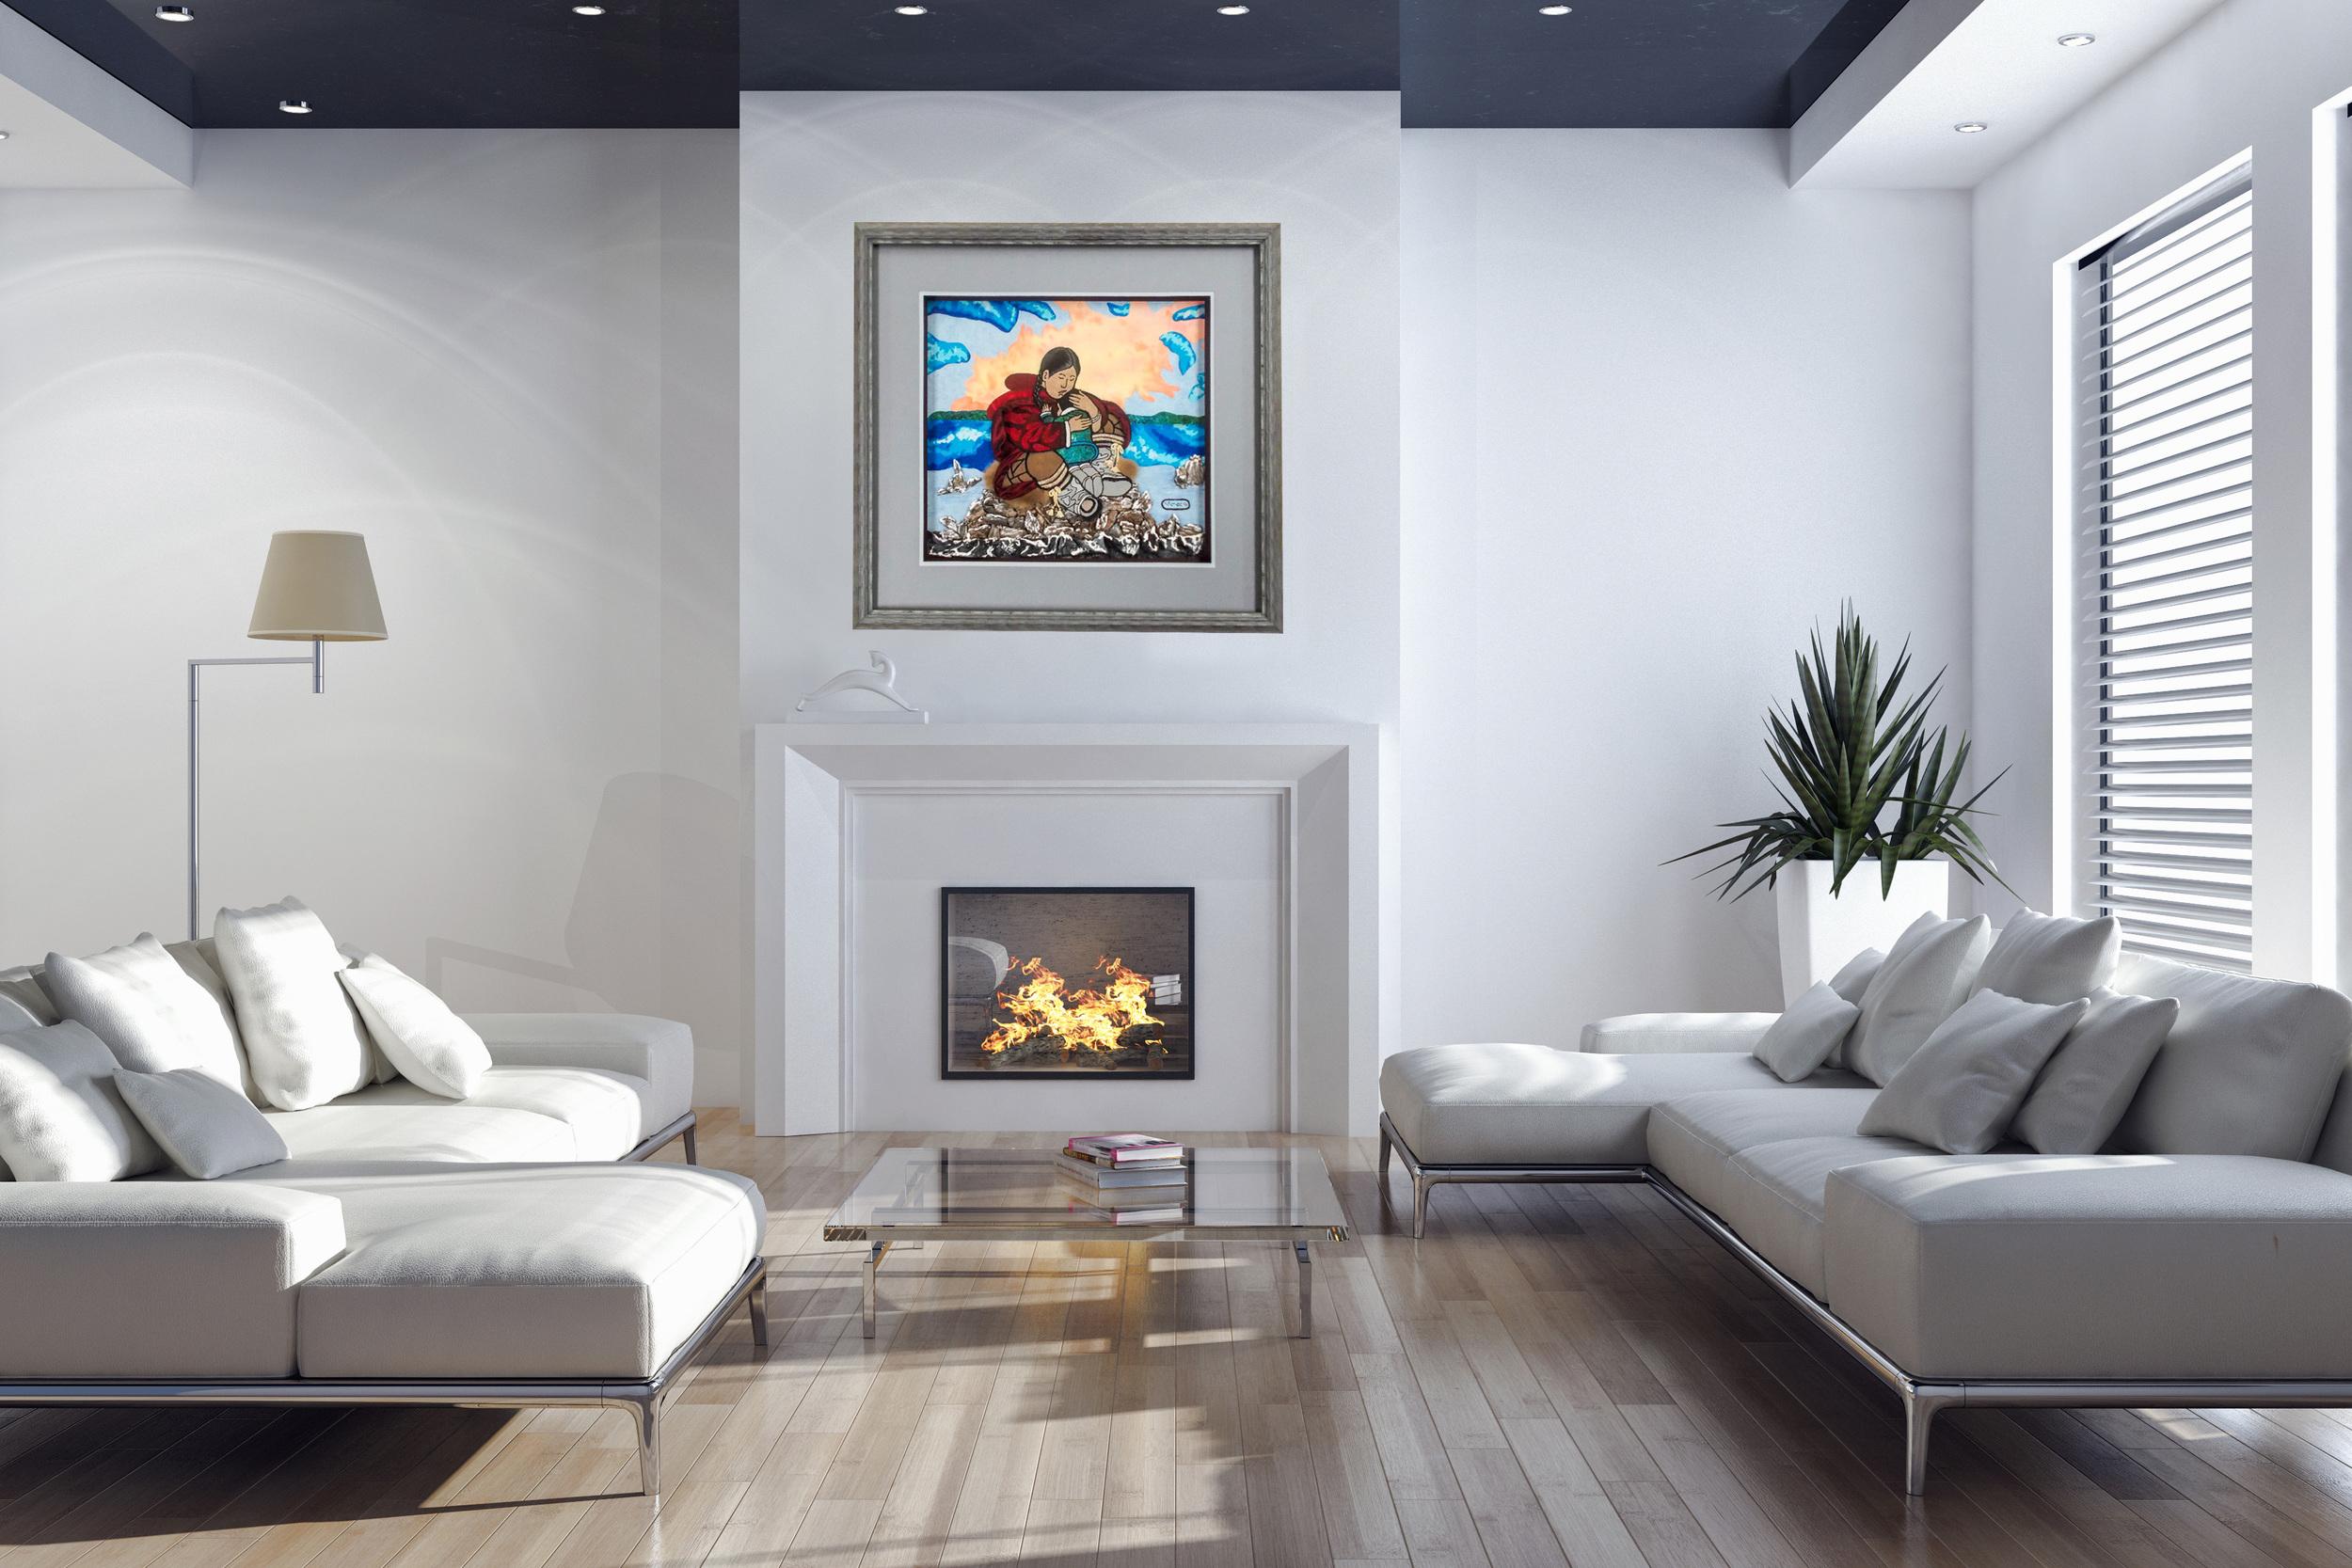 Framed art enhances your home